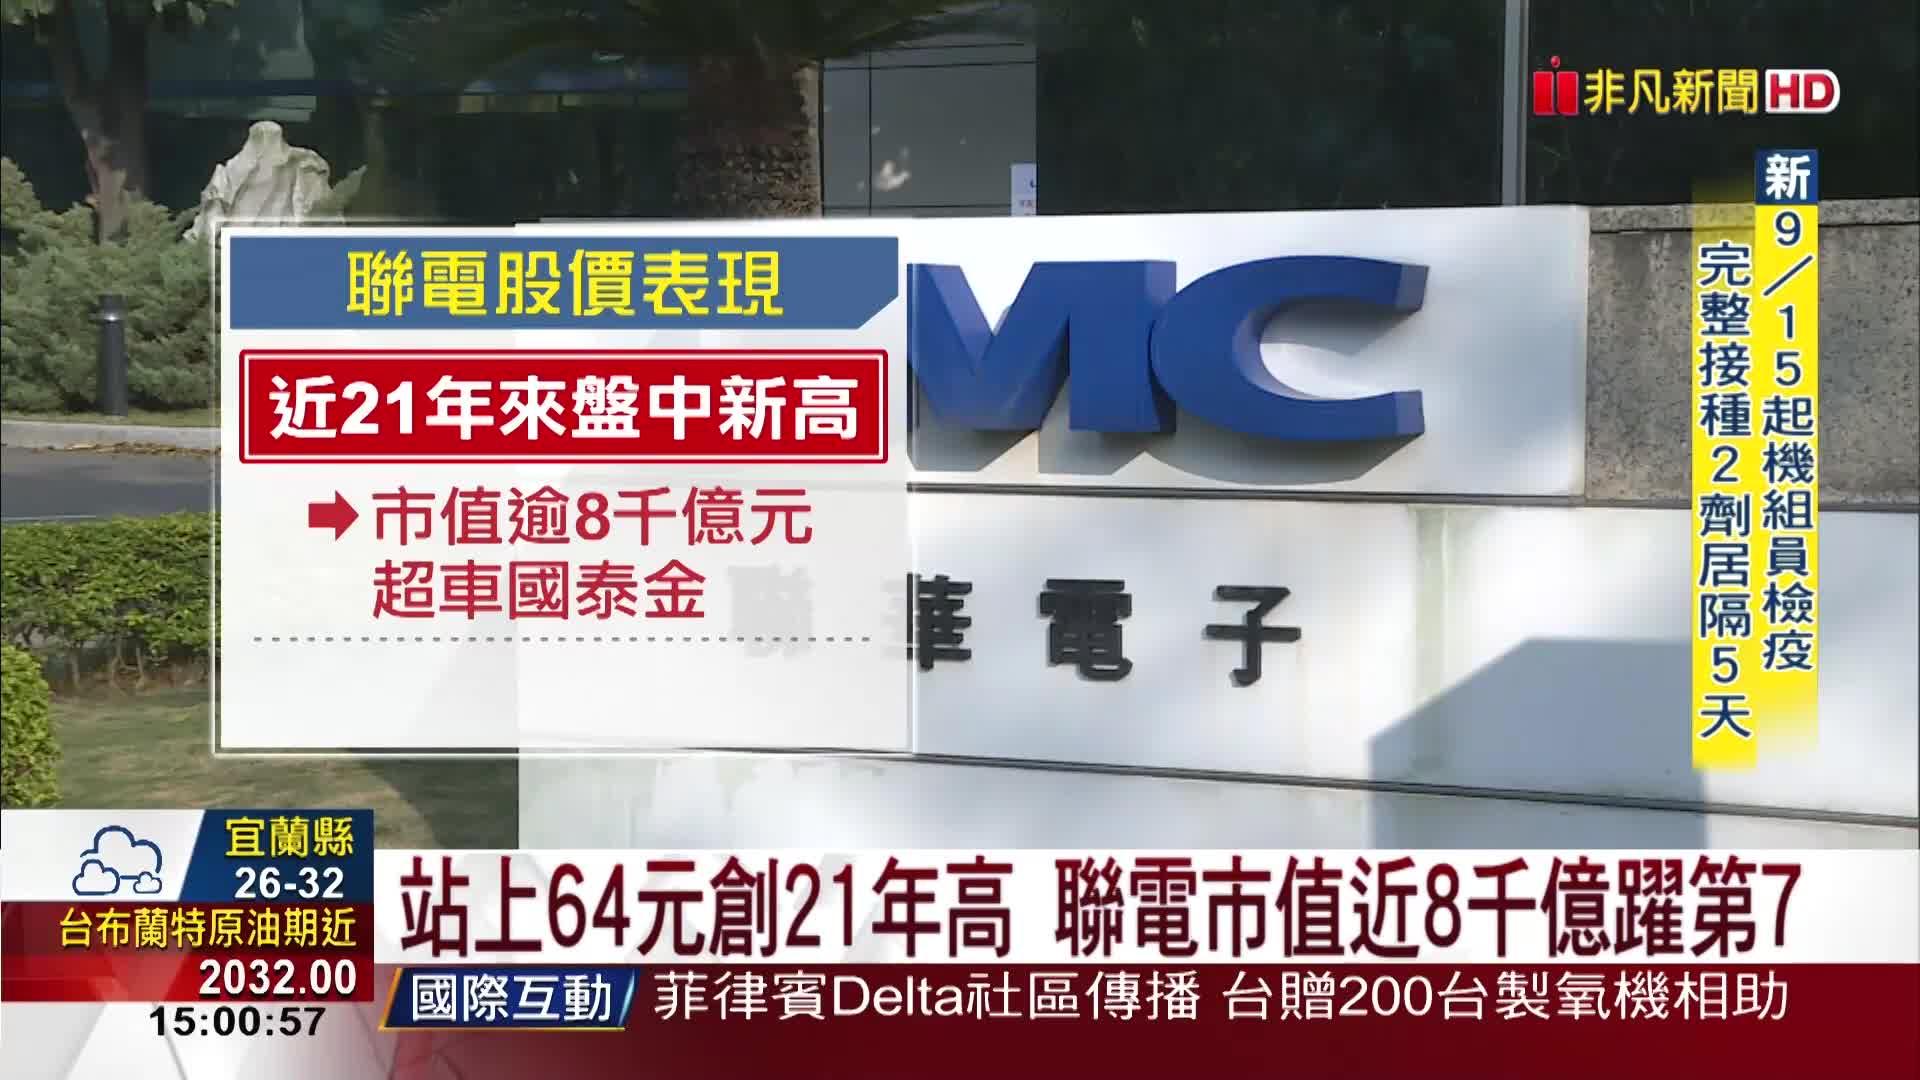 站上64元創21年高 聯電市值近8千億躍第7